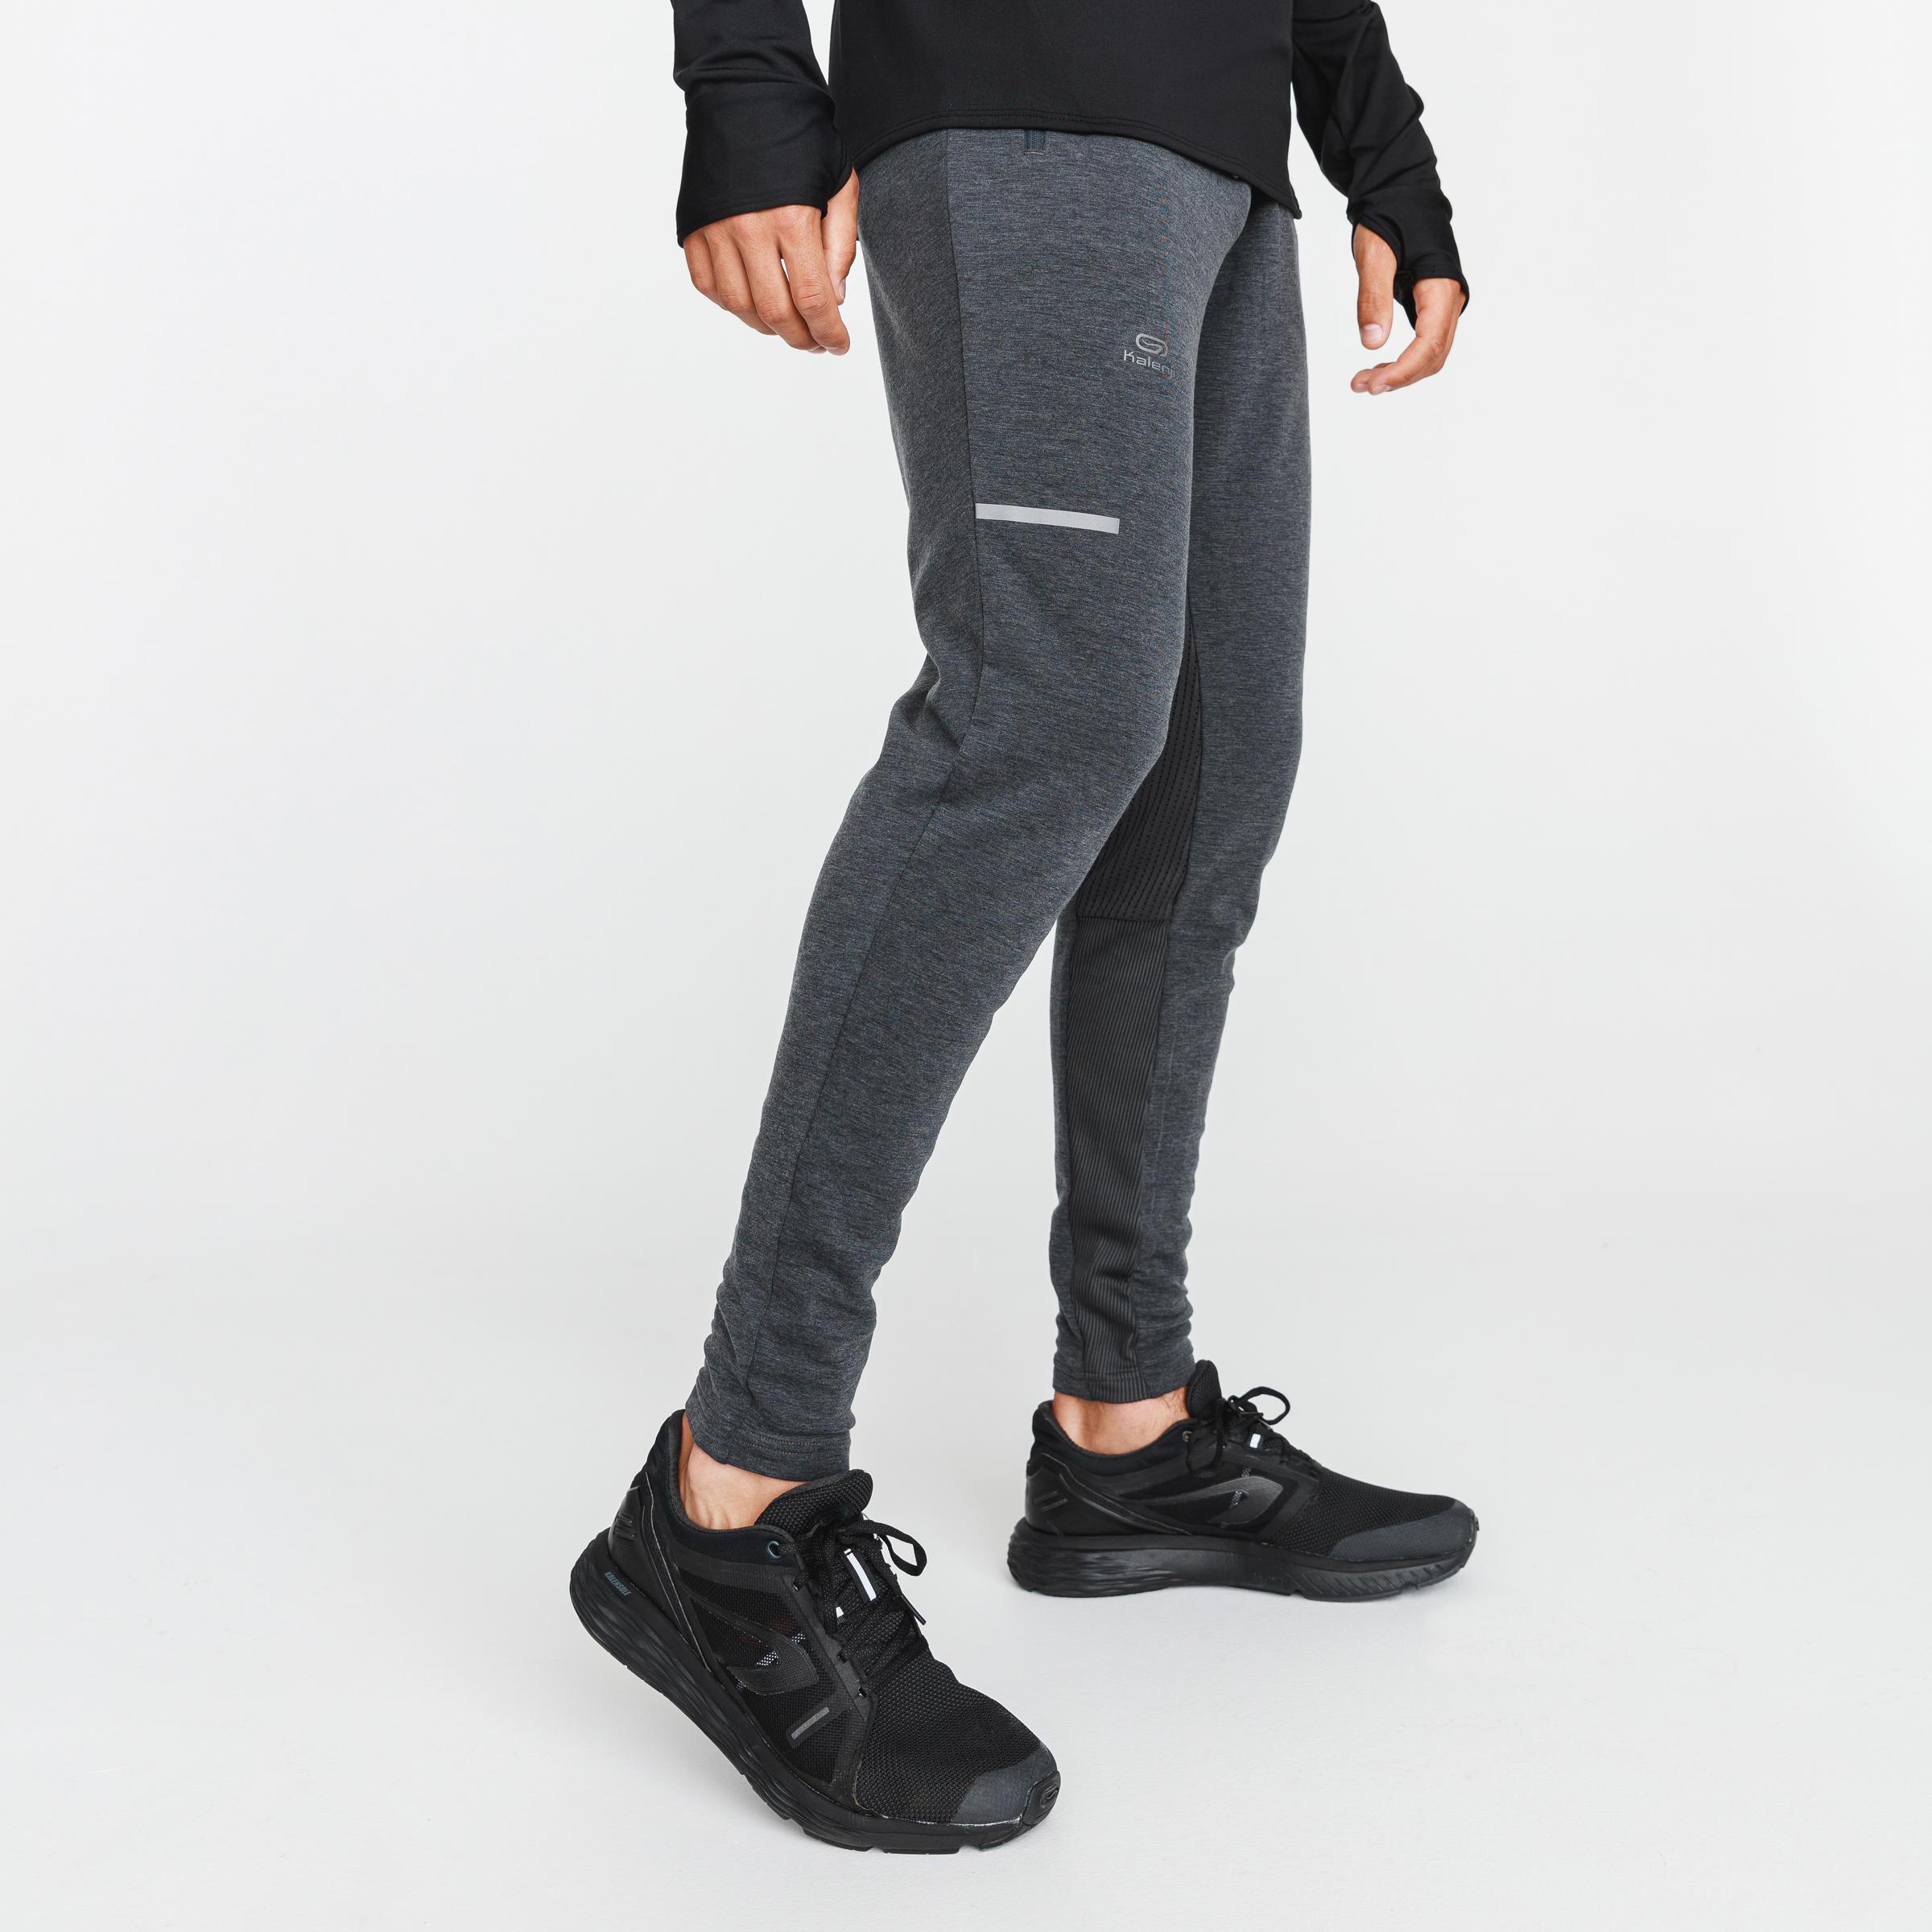 Pantalon Run Warm+ Bărbați imagine